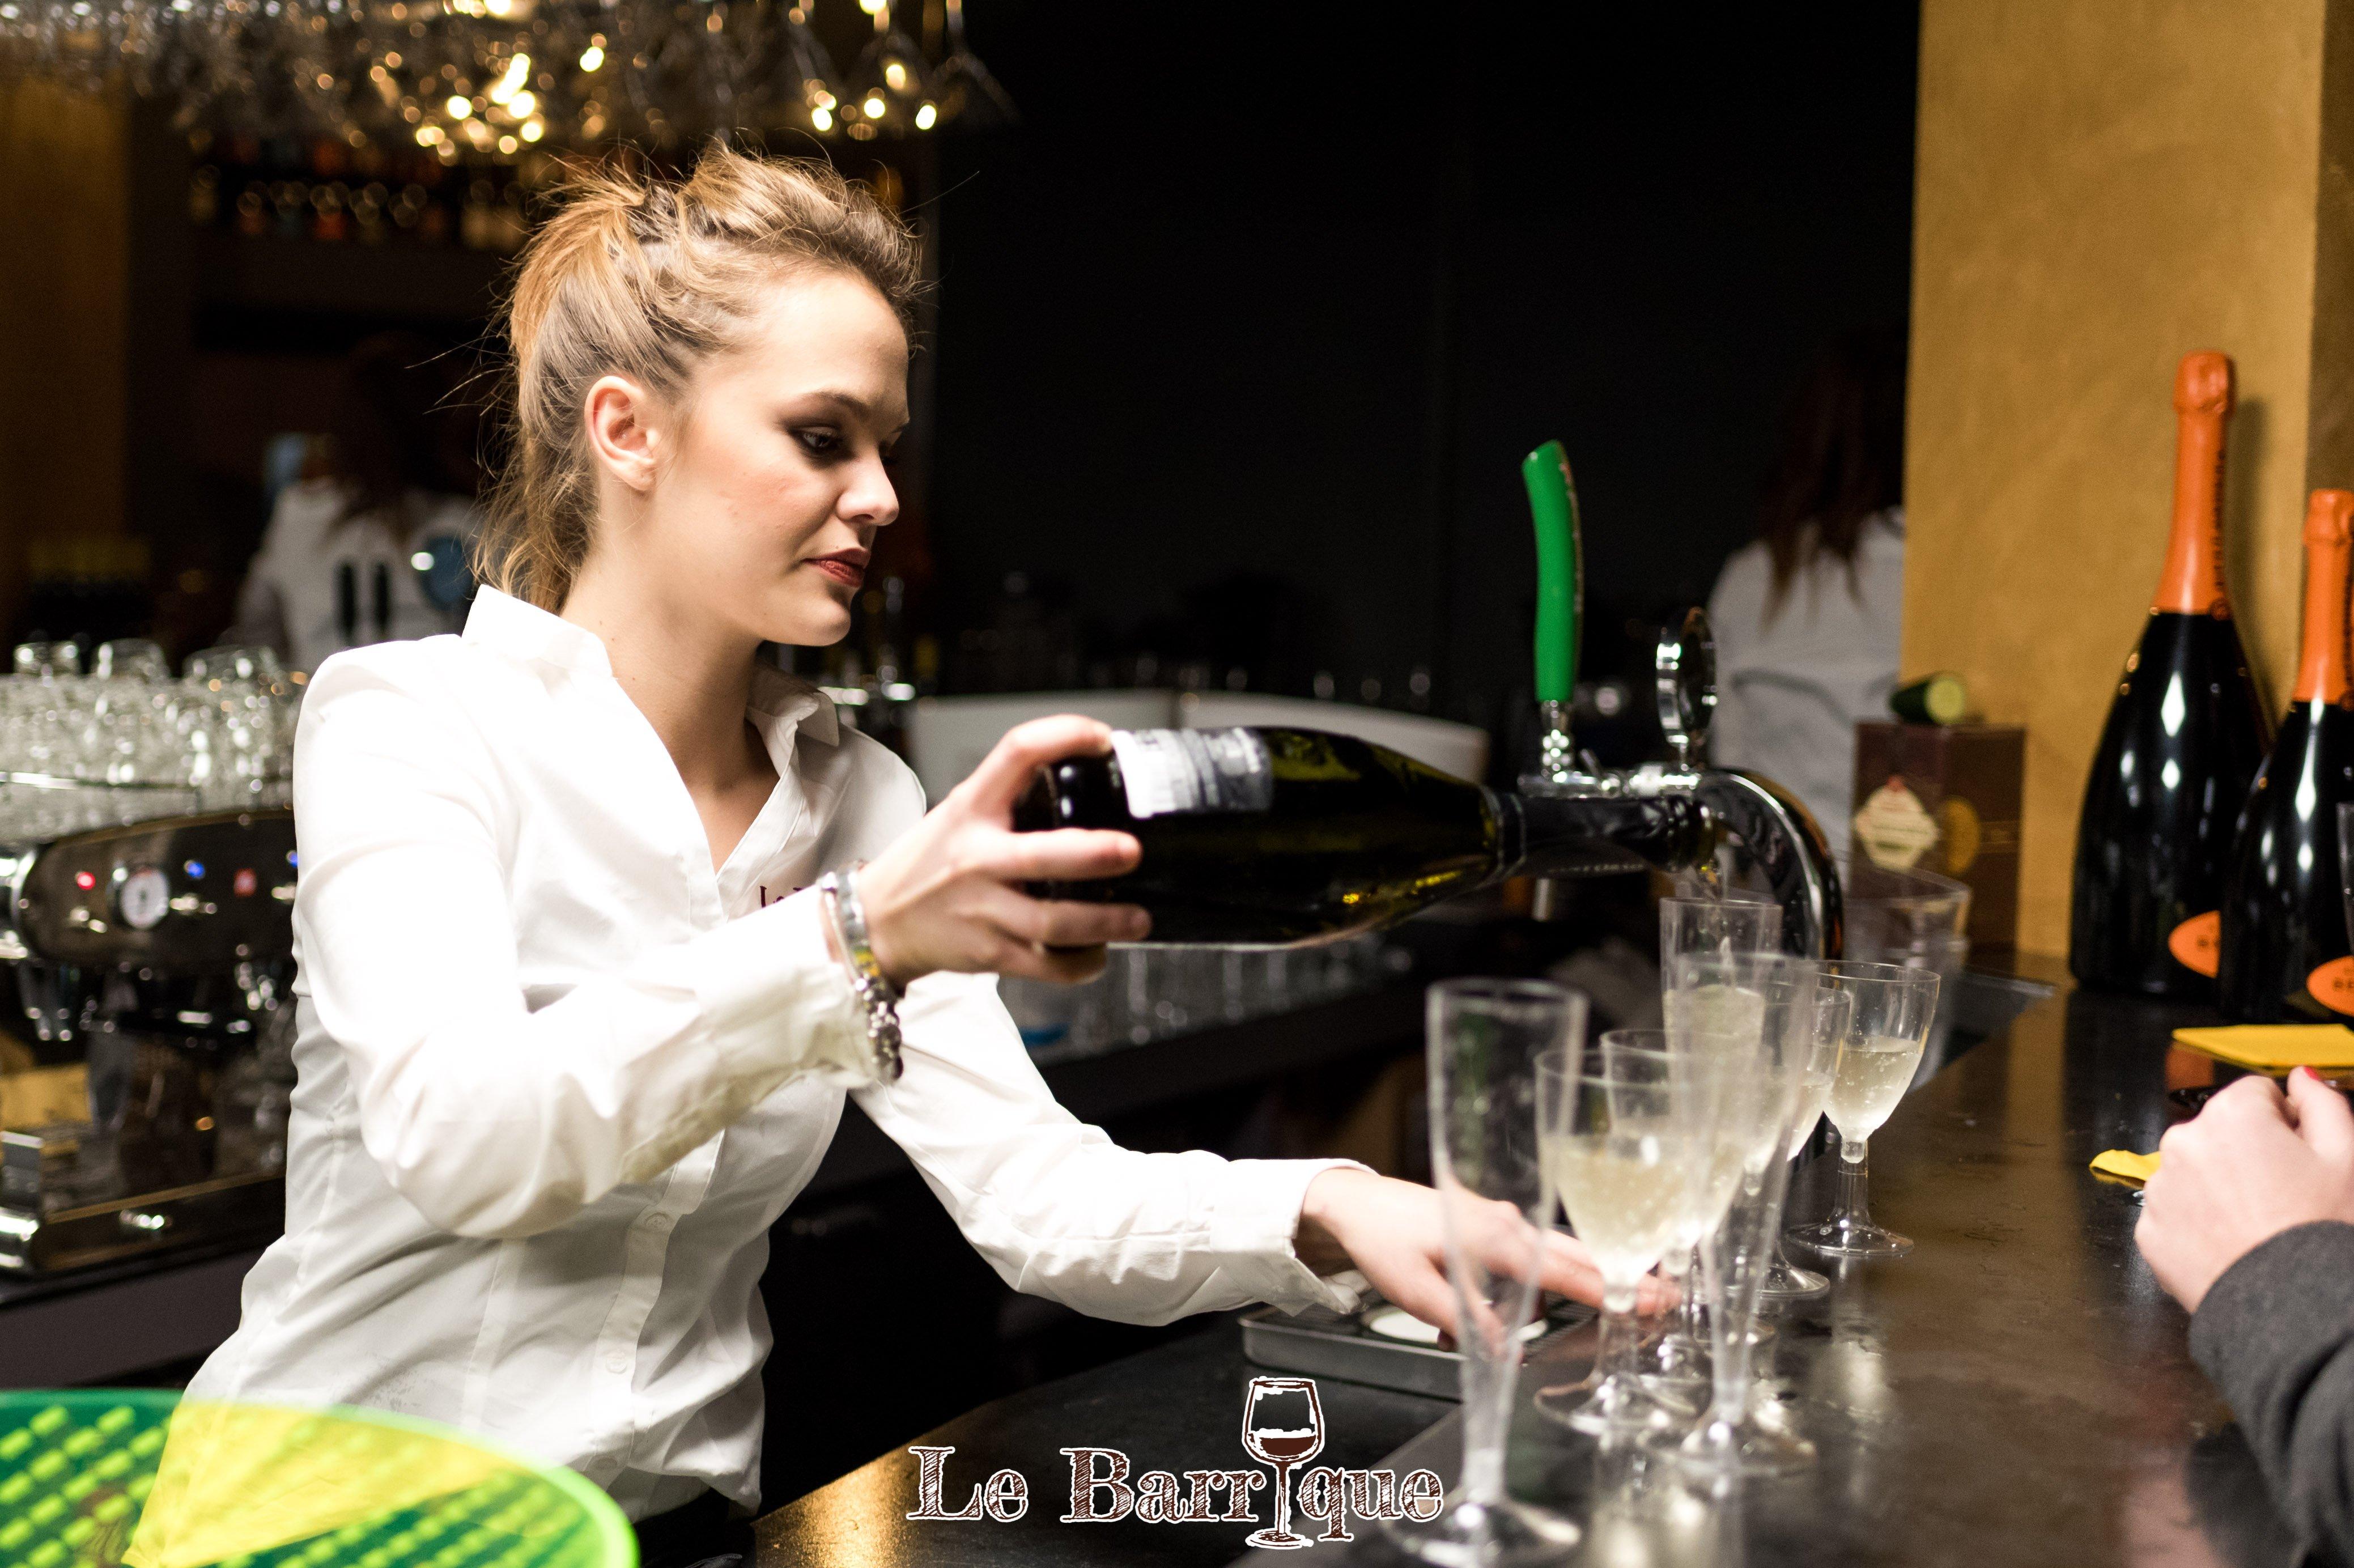 Ragazza barista bionda che versa champagne in bicchieri